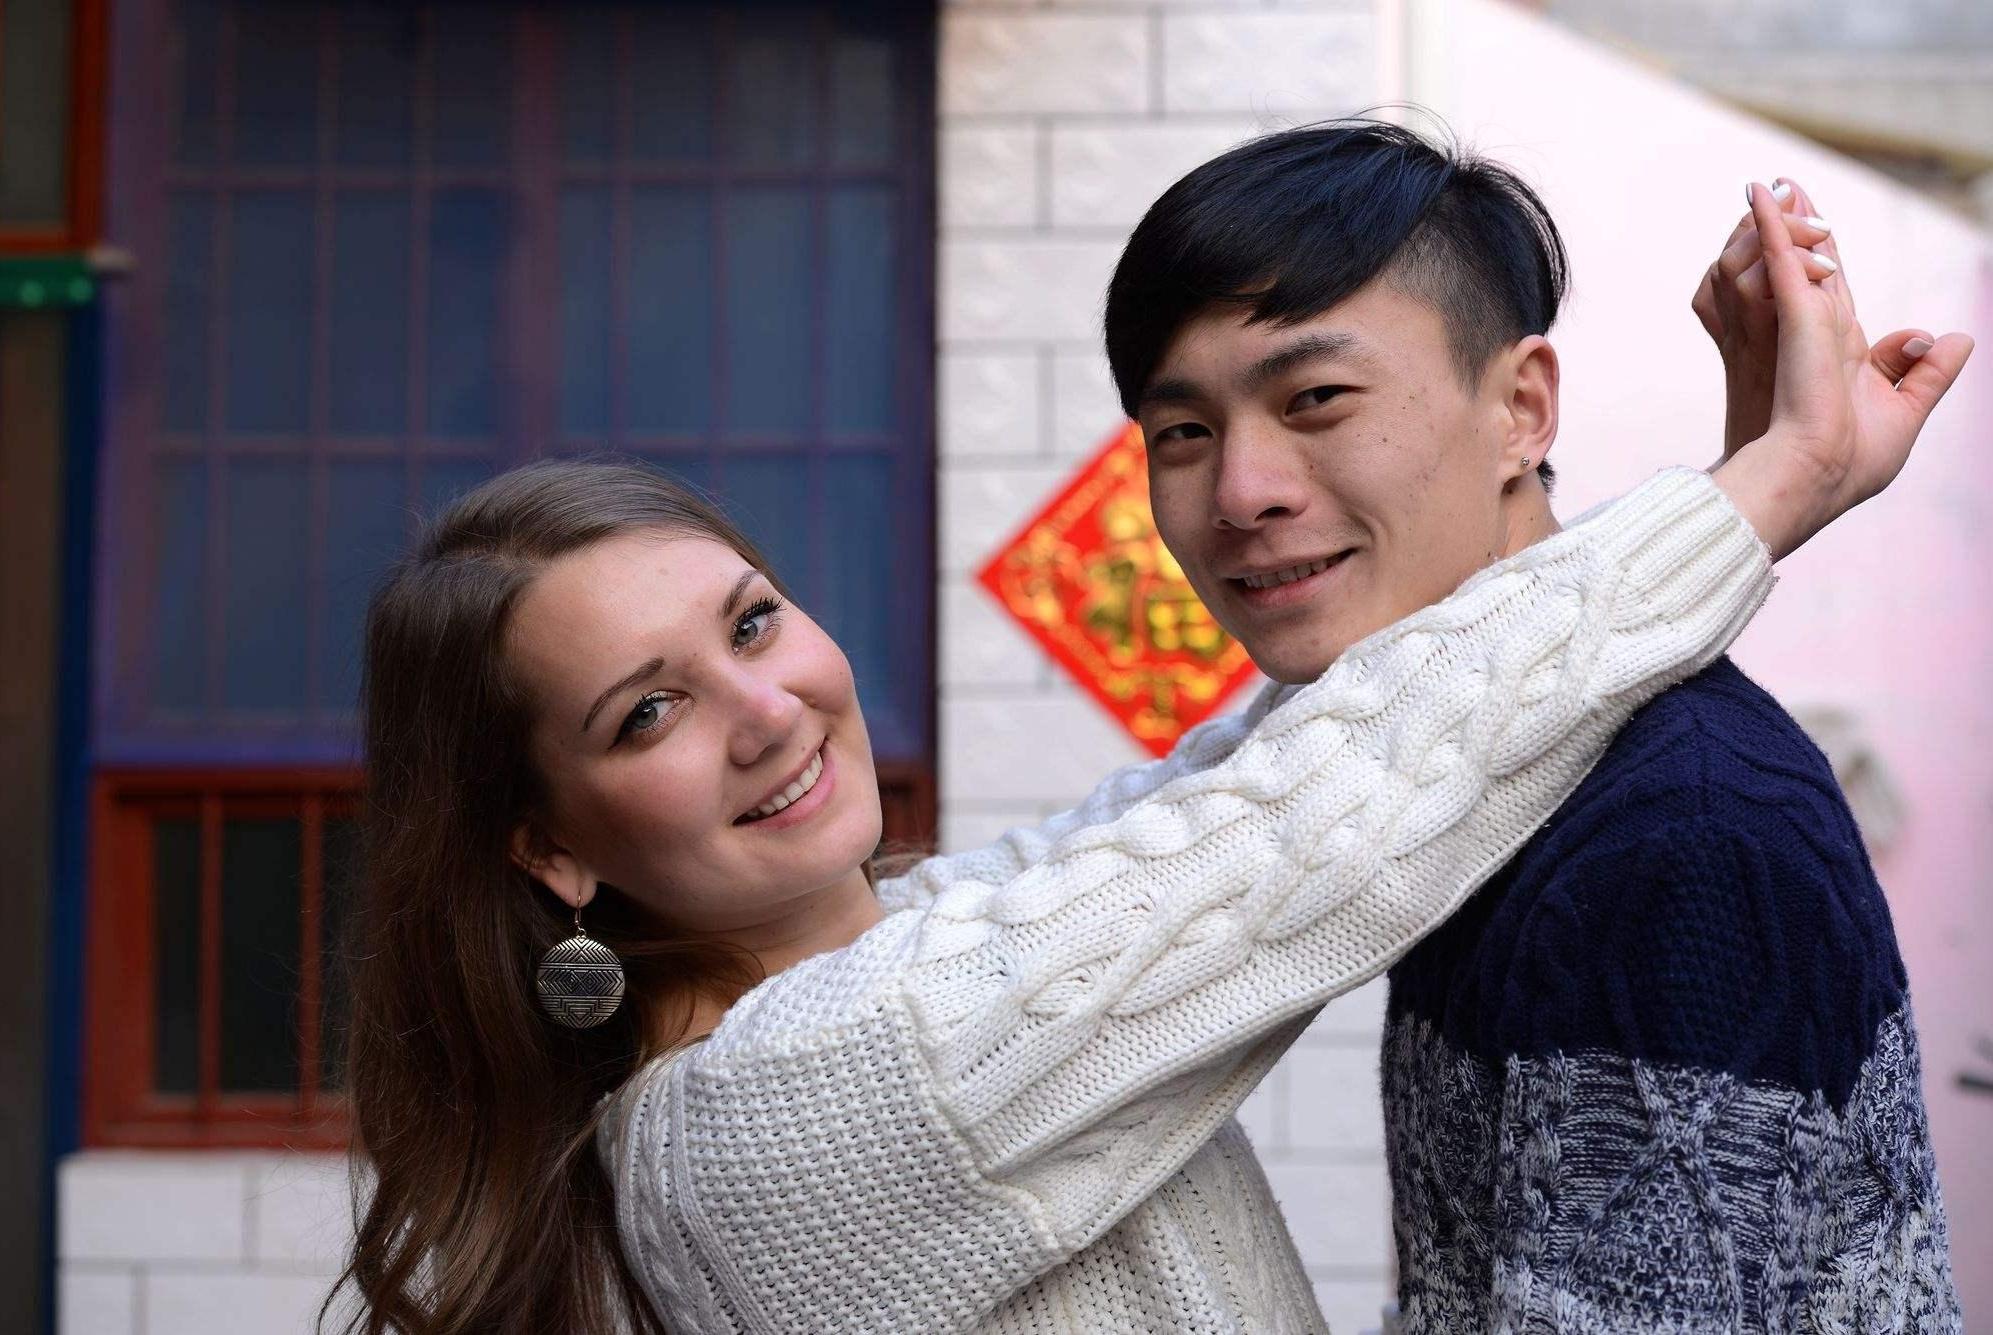 洋媳妇不满农村婆婆带娃,天天防着对方,女婿只能接洋岳母来中国